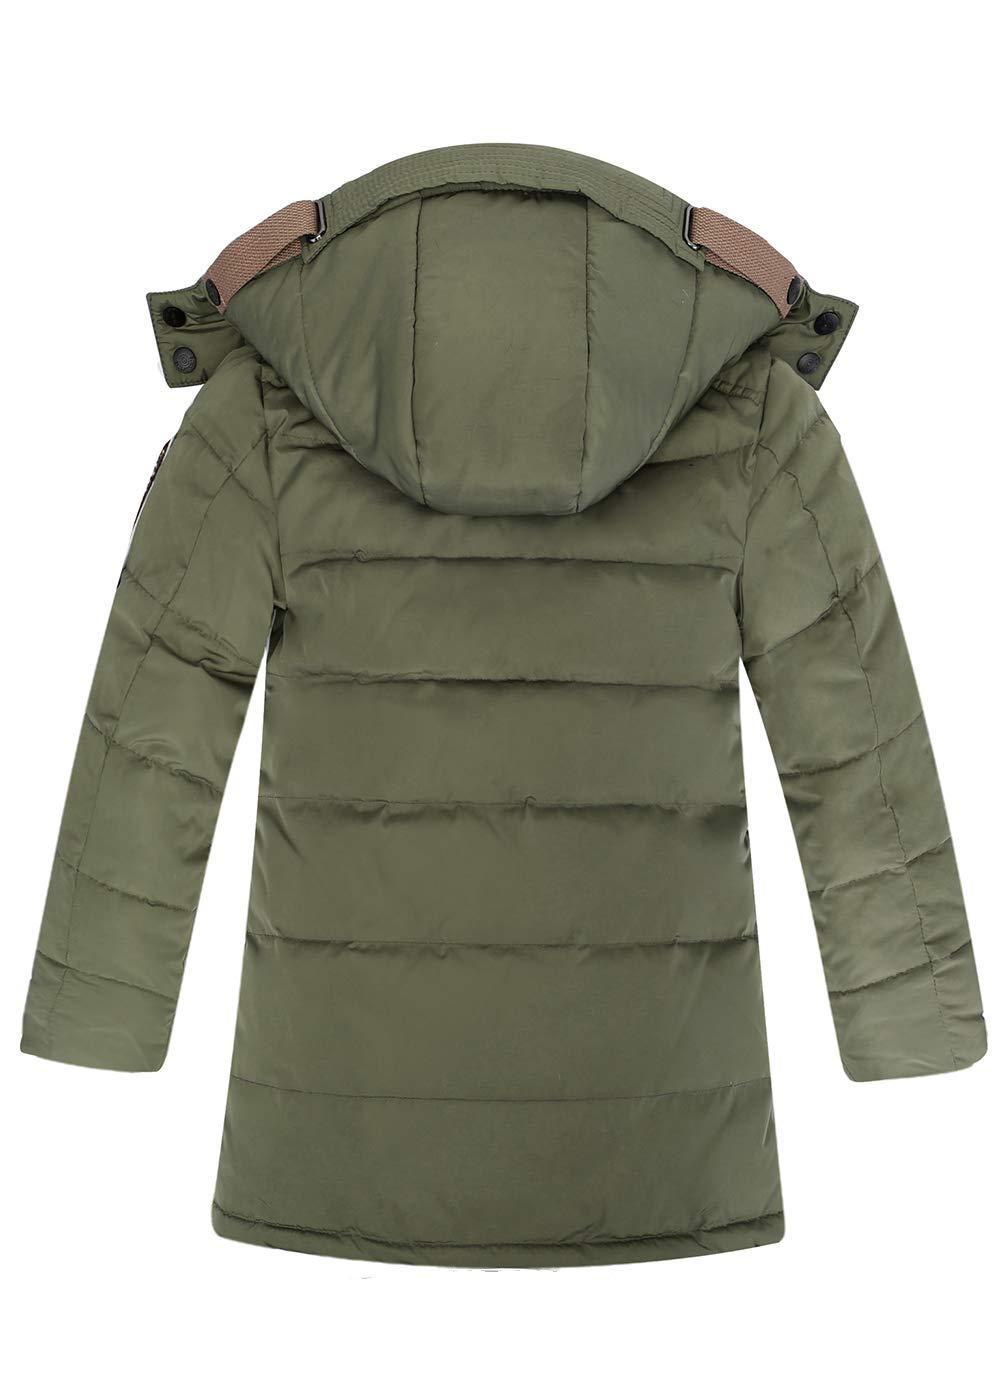 OUO Daunenjacke für Kinder kälteschutz Lange Jacke mit mit mit abnehmbar Kapuze B07JQ6VL7H Jacken Üppiges Design a6a4bc